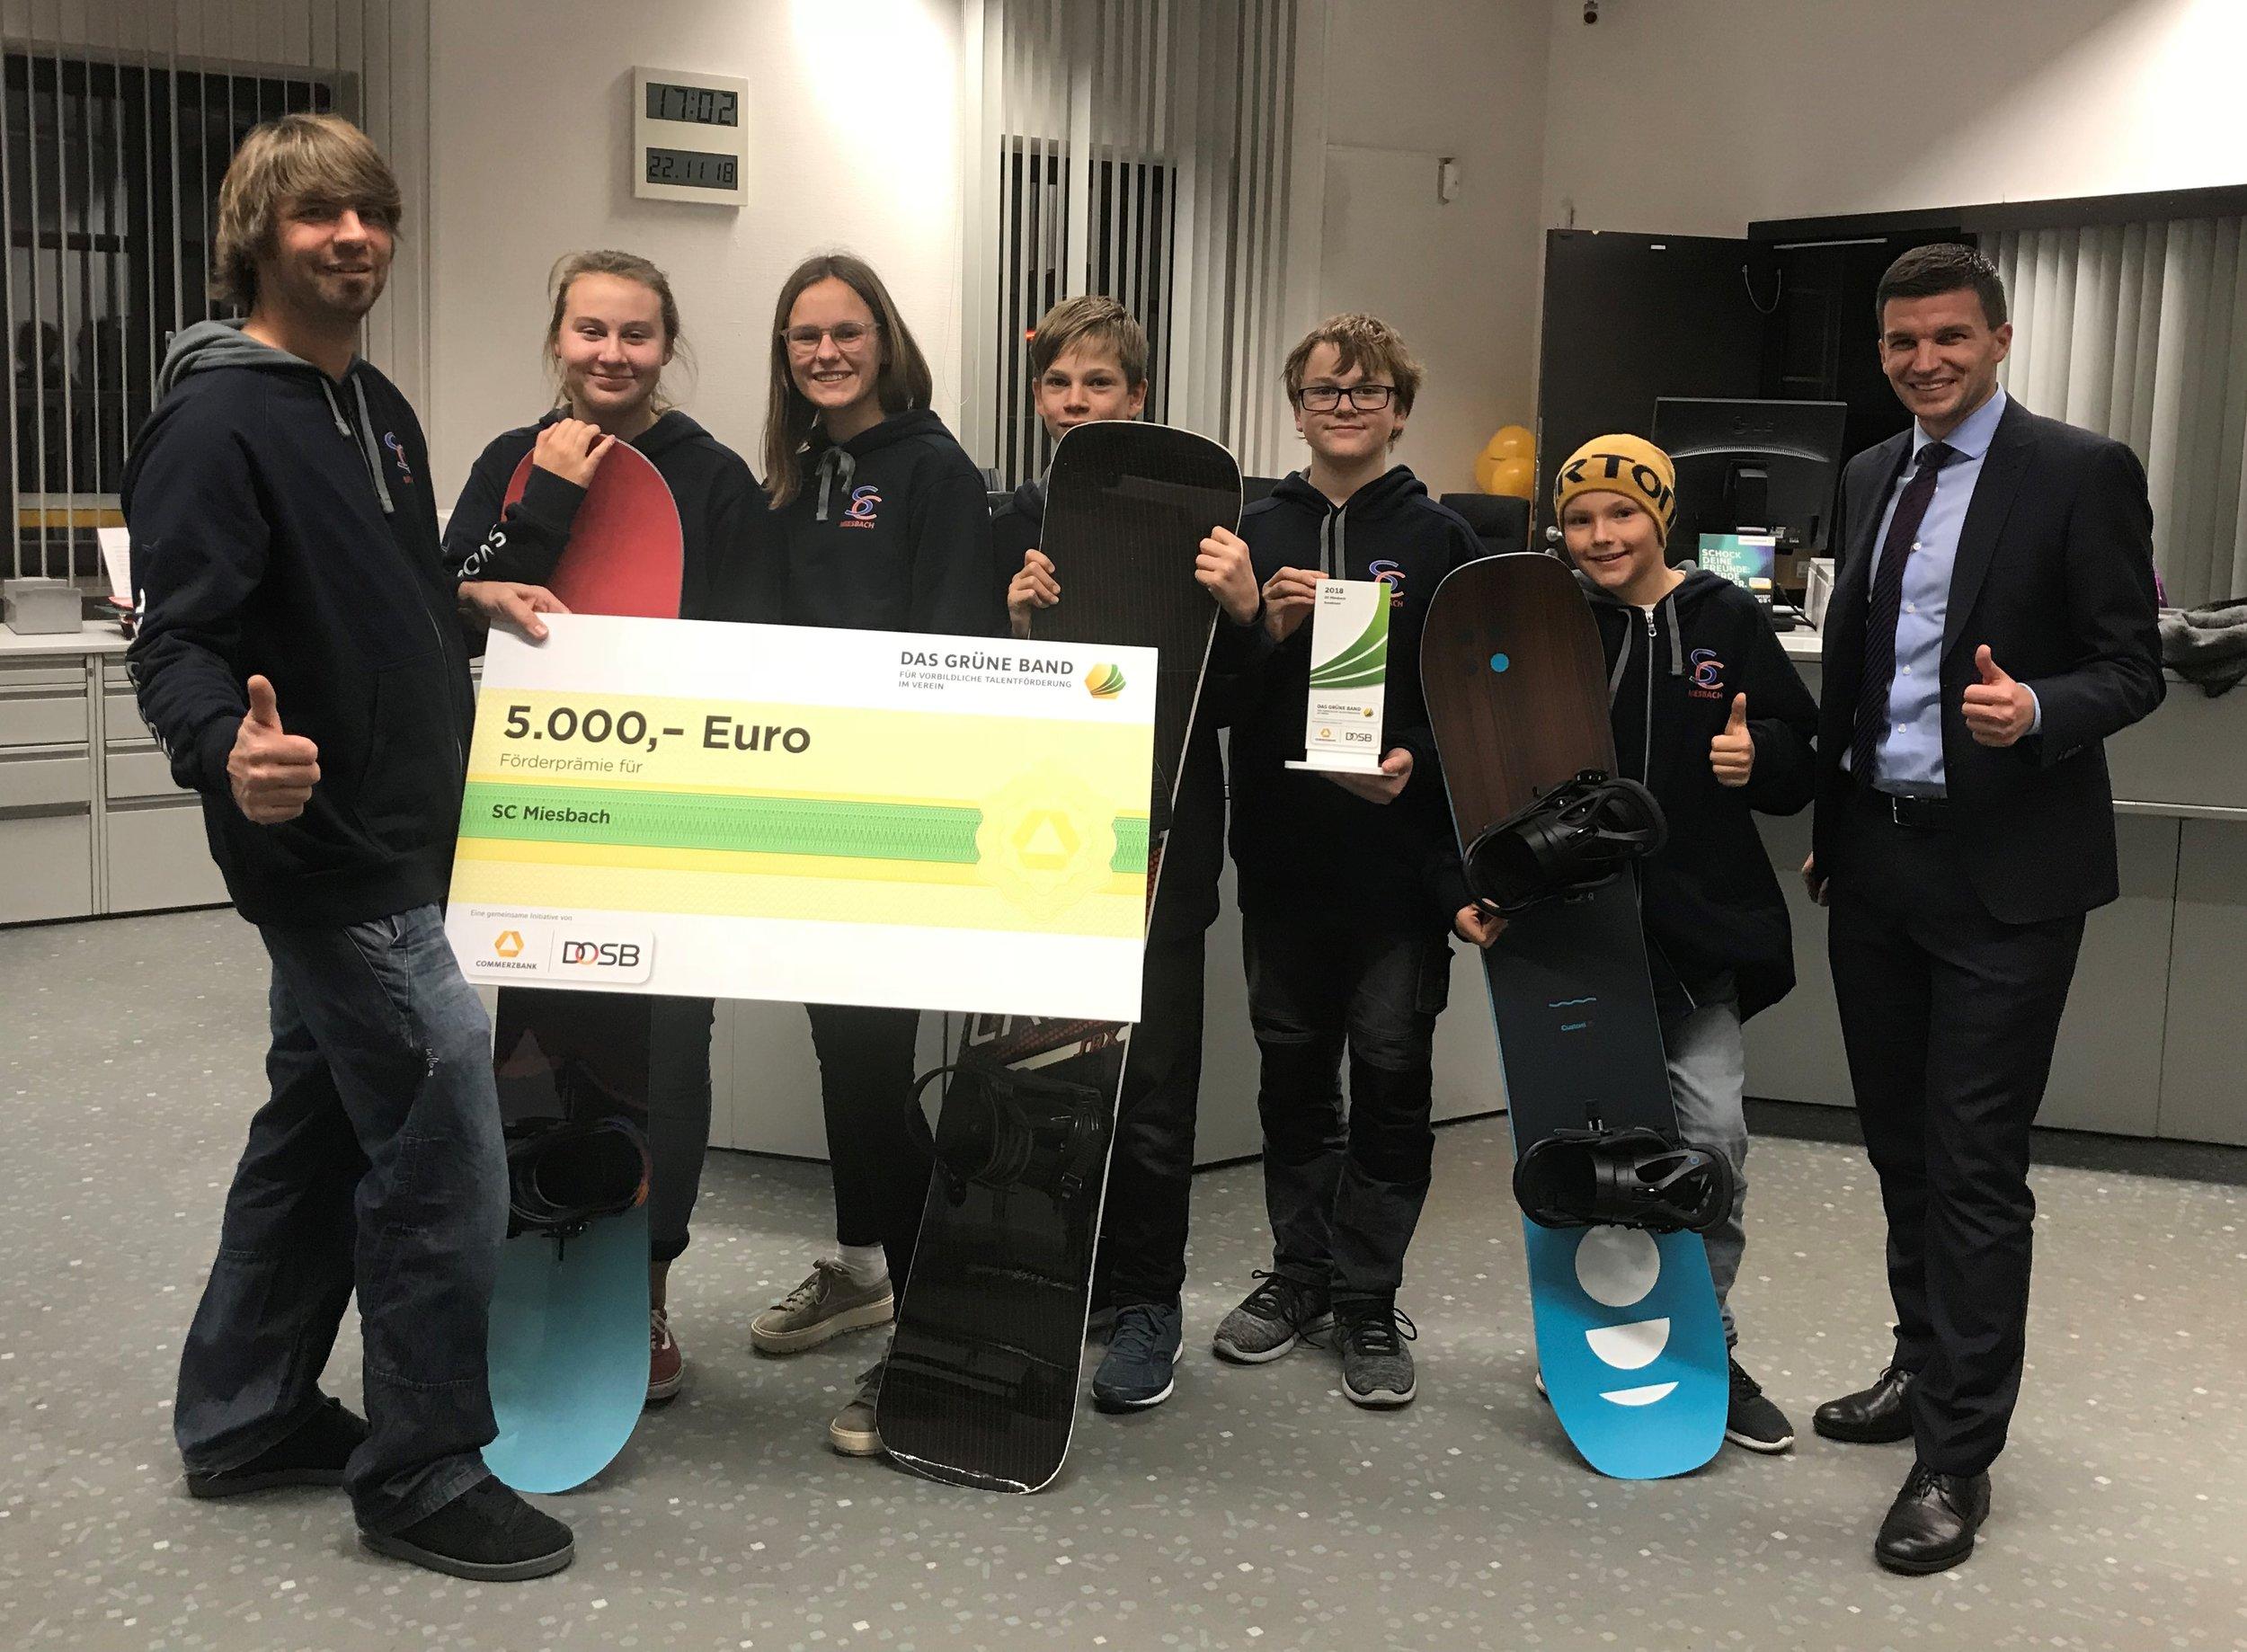 """Foto Preisverleihung: SC Miesbach """"Das Grüne Band 2018"""" Snowboard"""